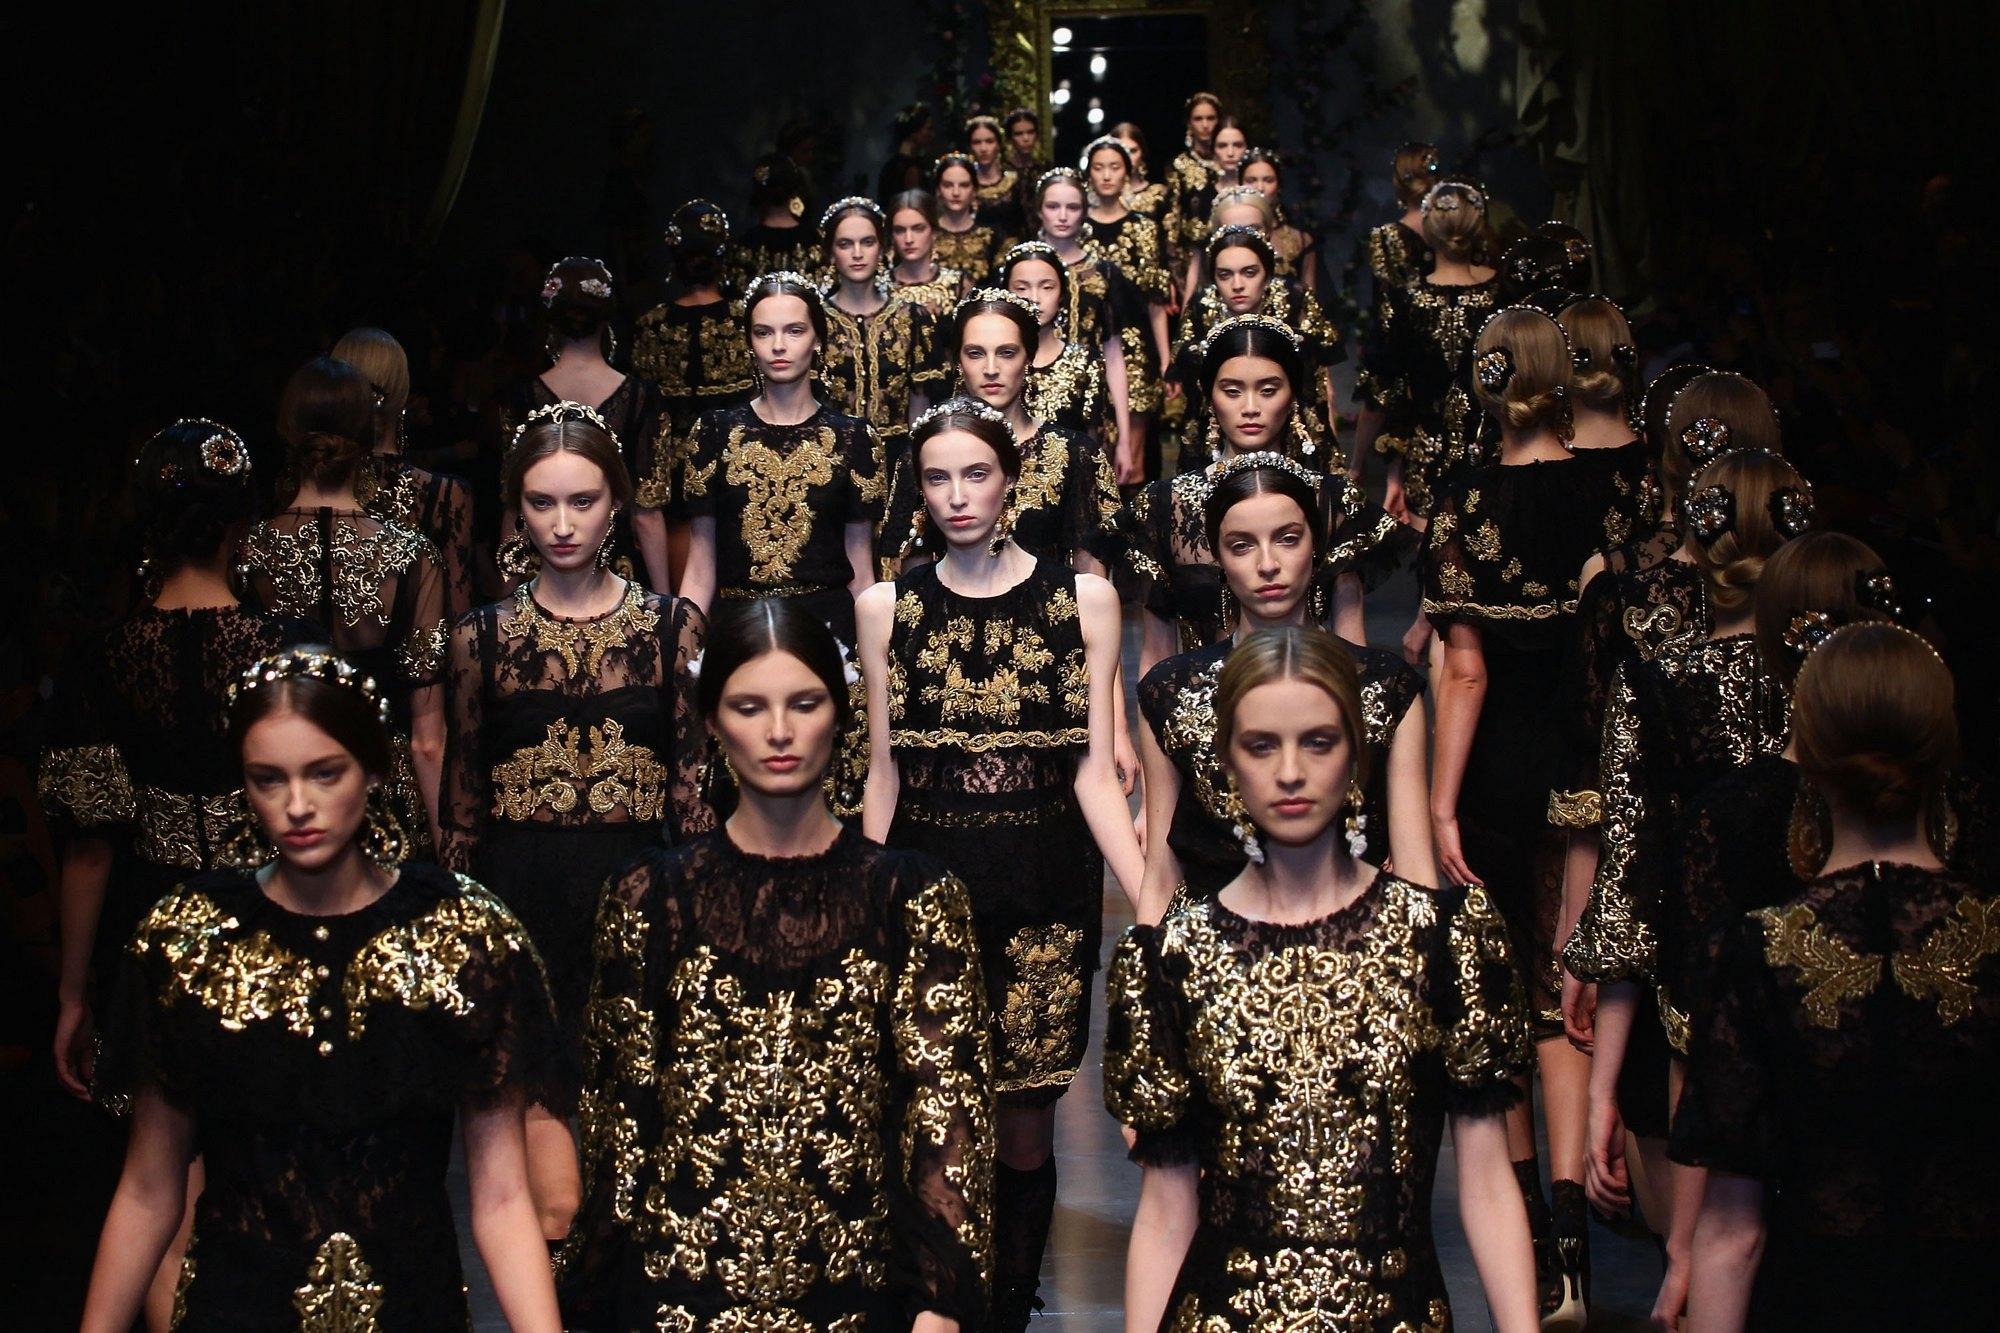 Неделя моды в Париже состоится, несмотря на пандемиюCOVID-19 - фото №1